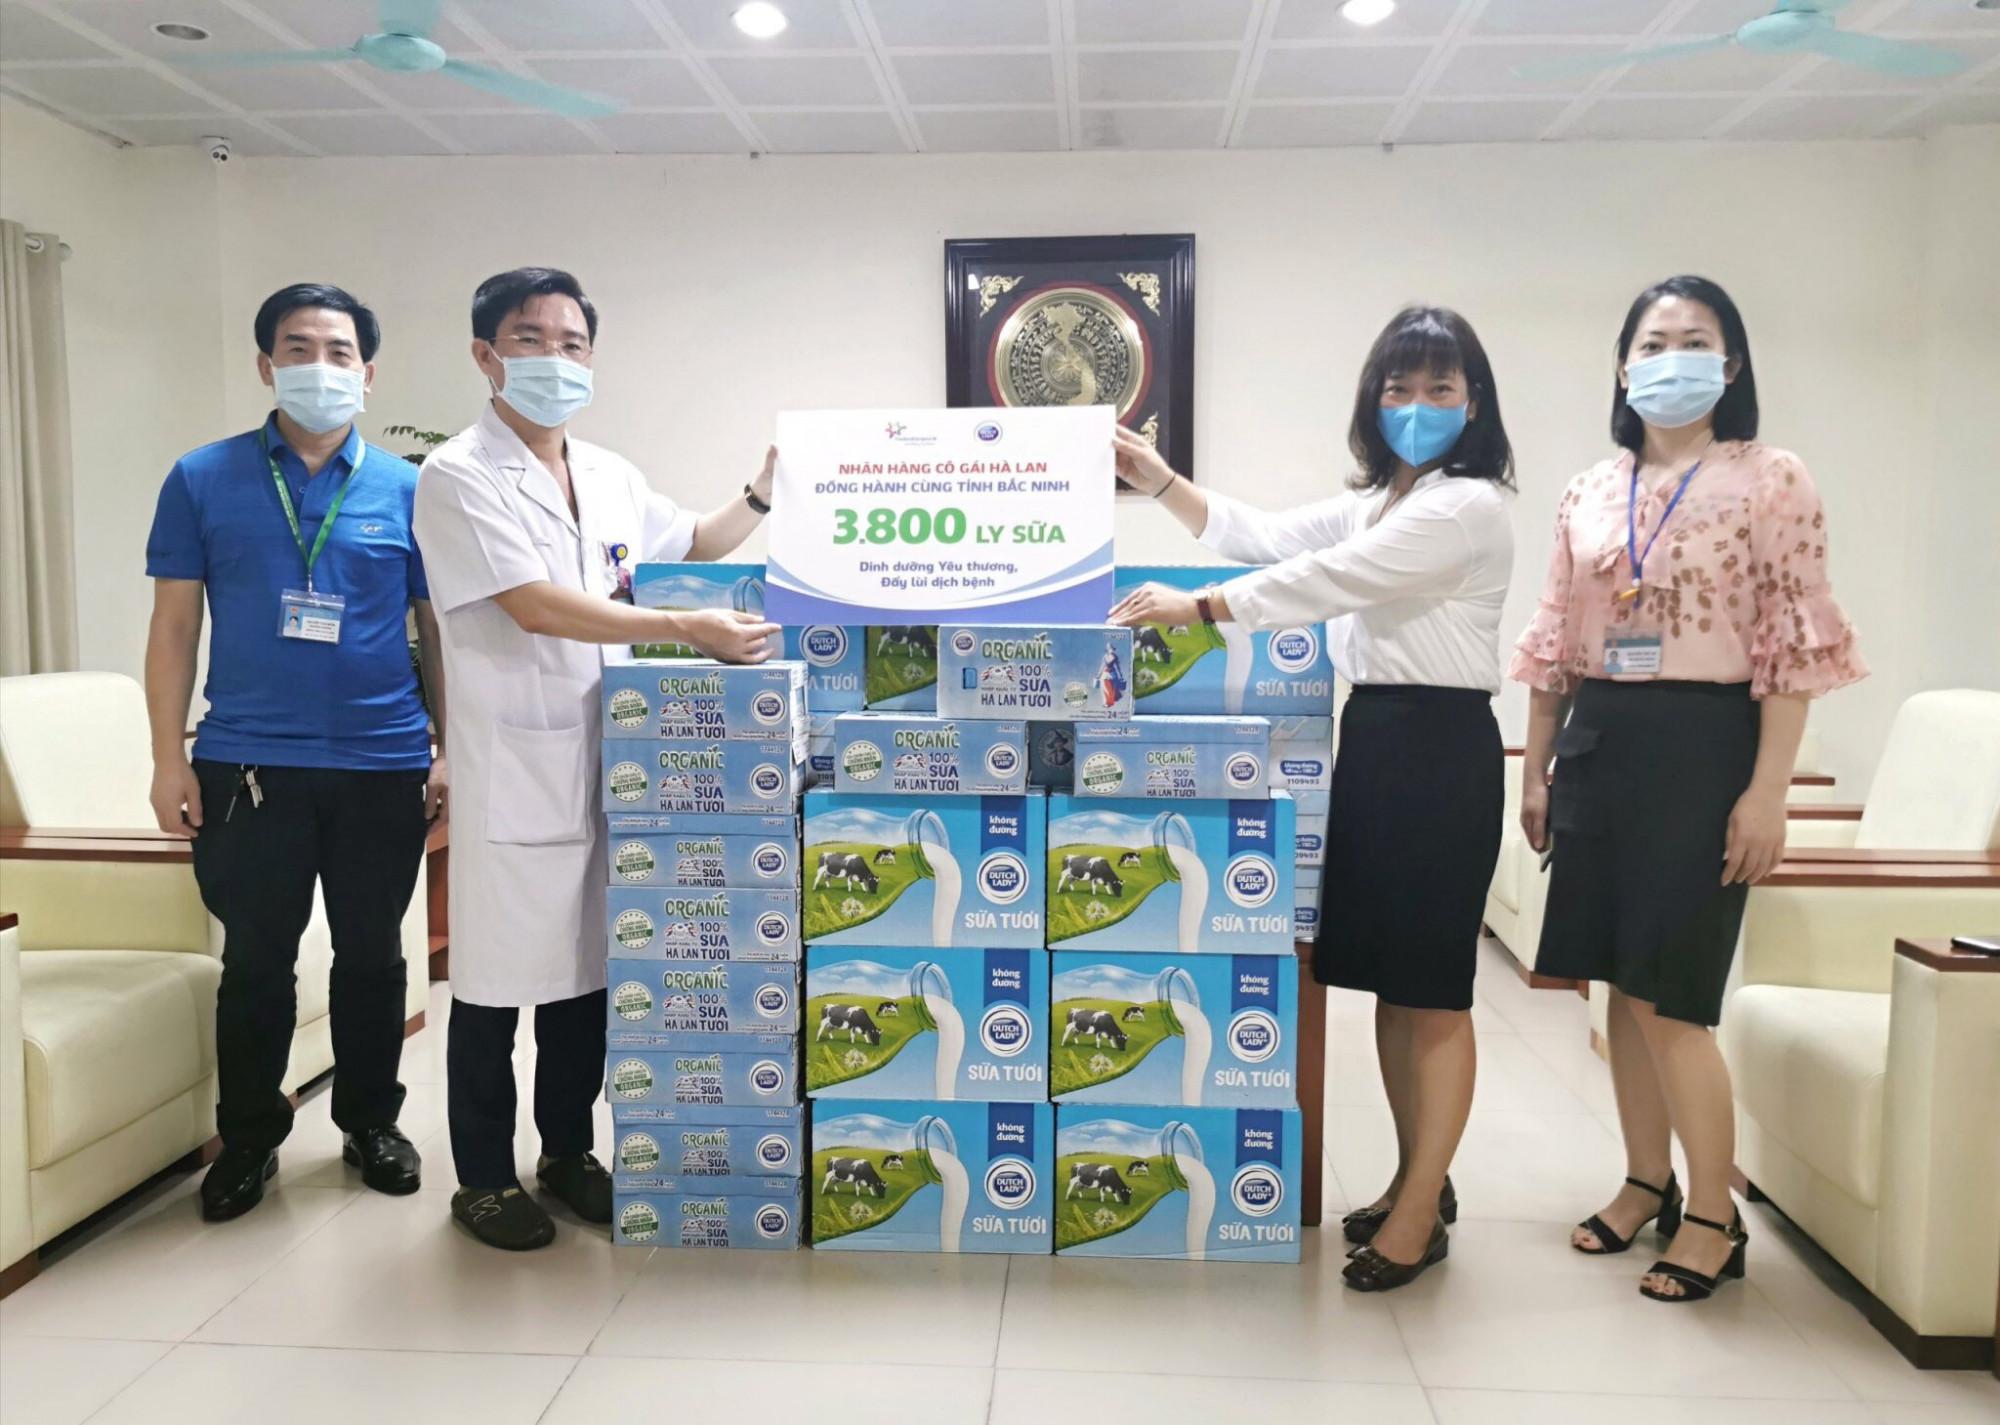 Các bác sĩ tại Bệnh viện Sản Nhi tỉnh Bắc Ninh nhận sản phẩm hỗ trợ từ Cô Gái Hà Lan. Ảnh: CGHL